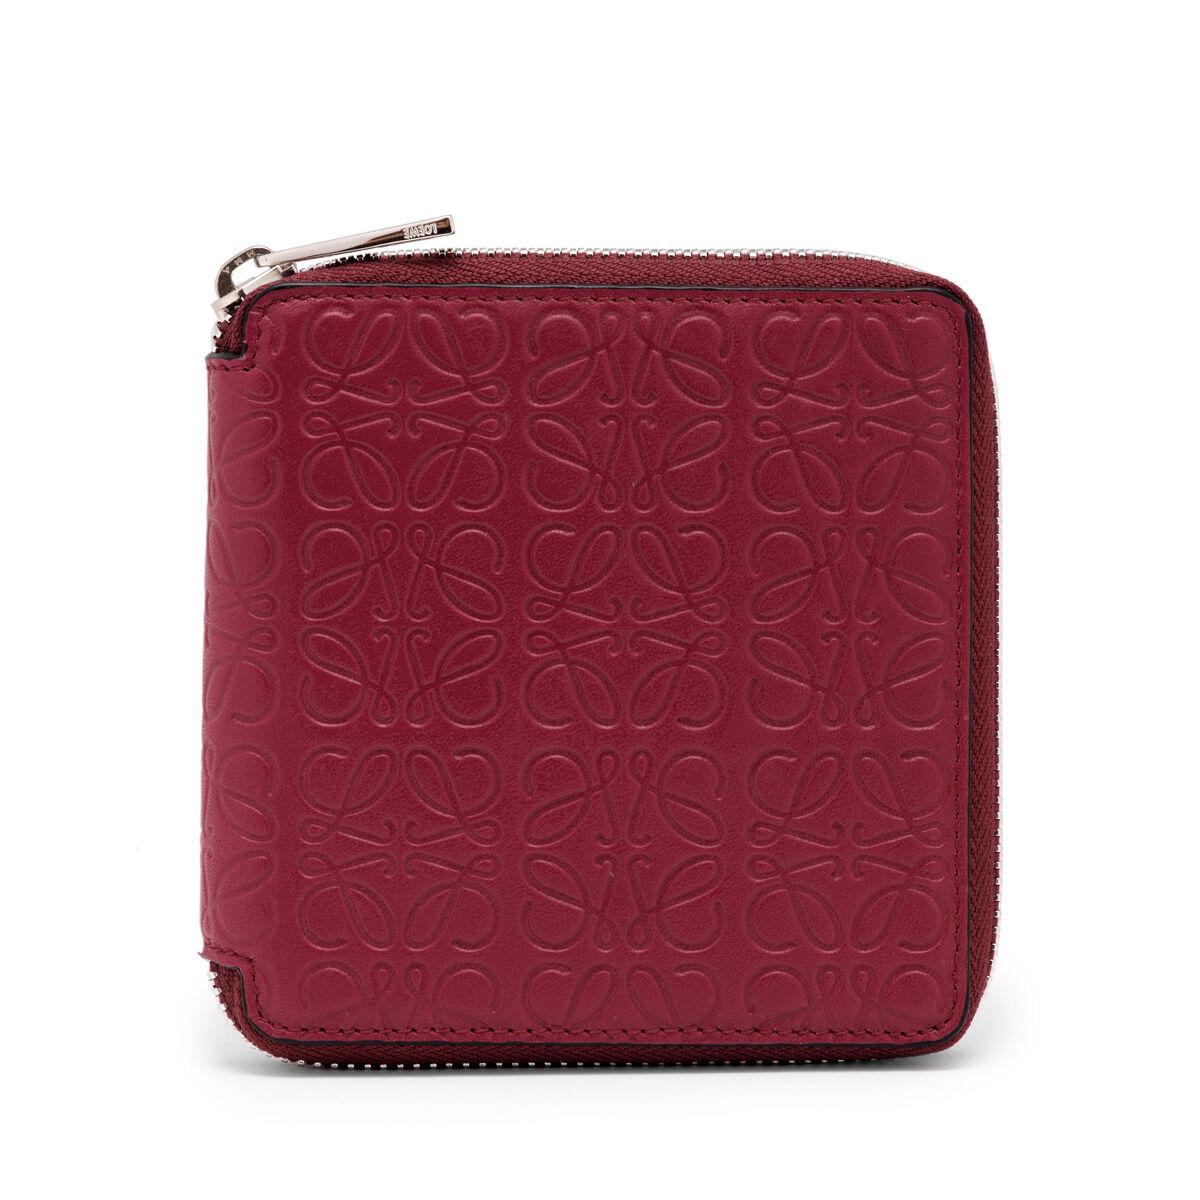 LOEWE Square Zip Wallet 覆盆莓色 all